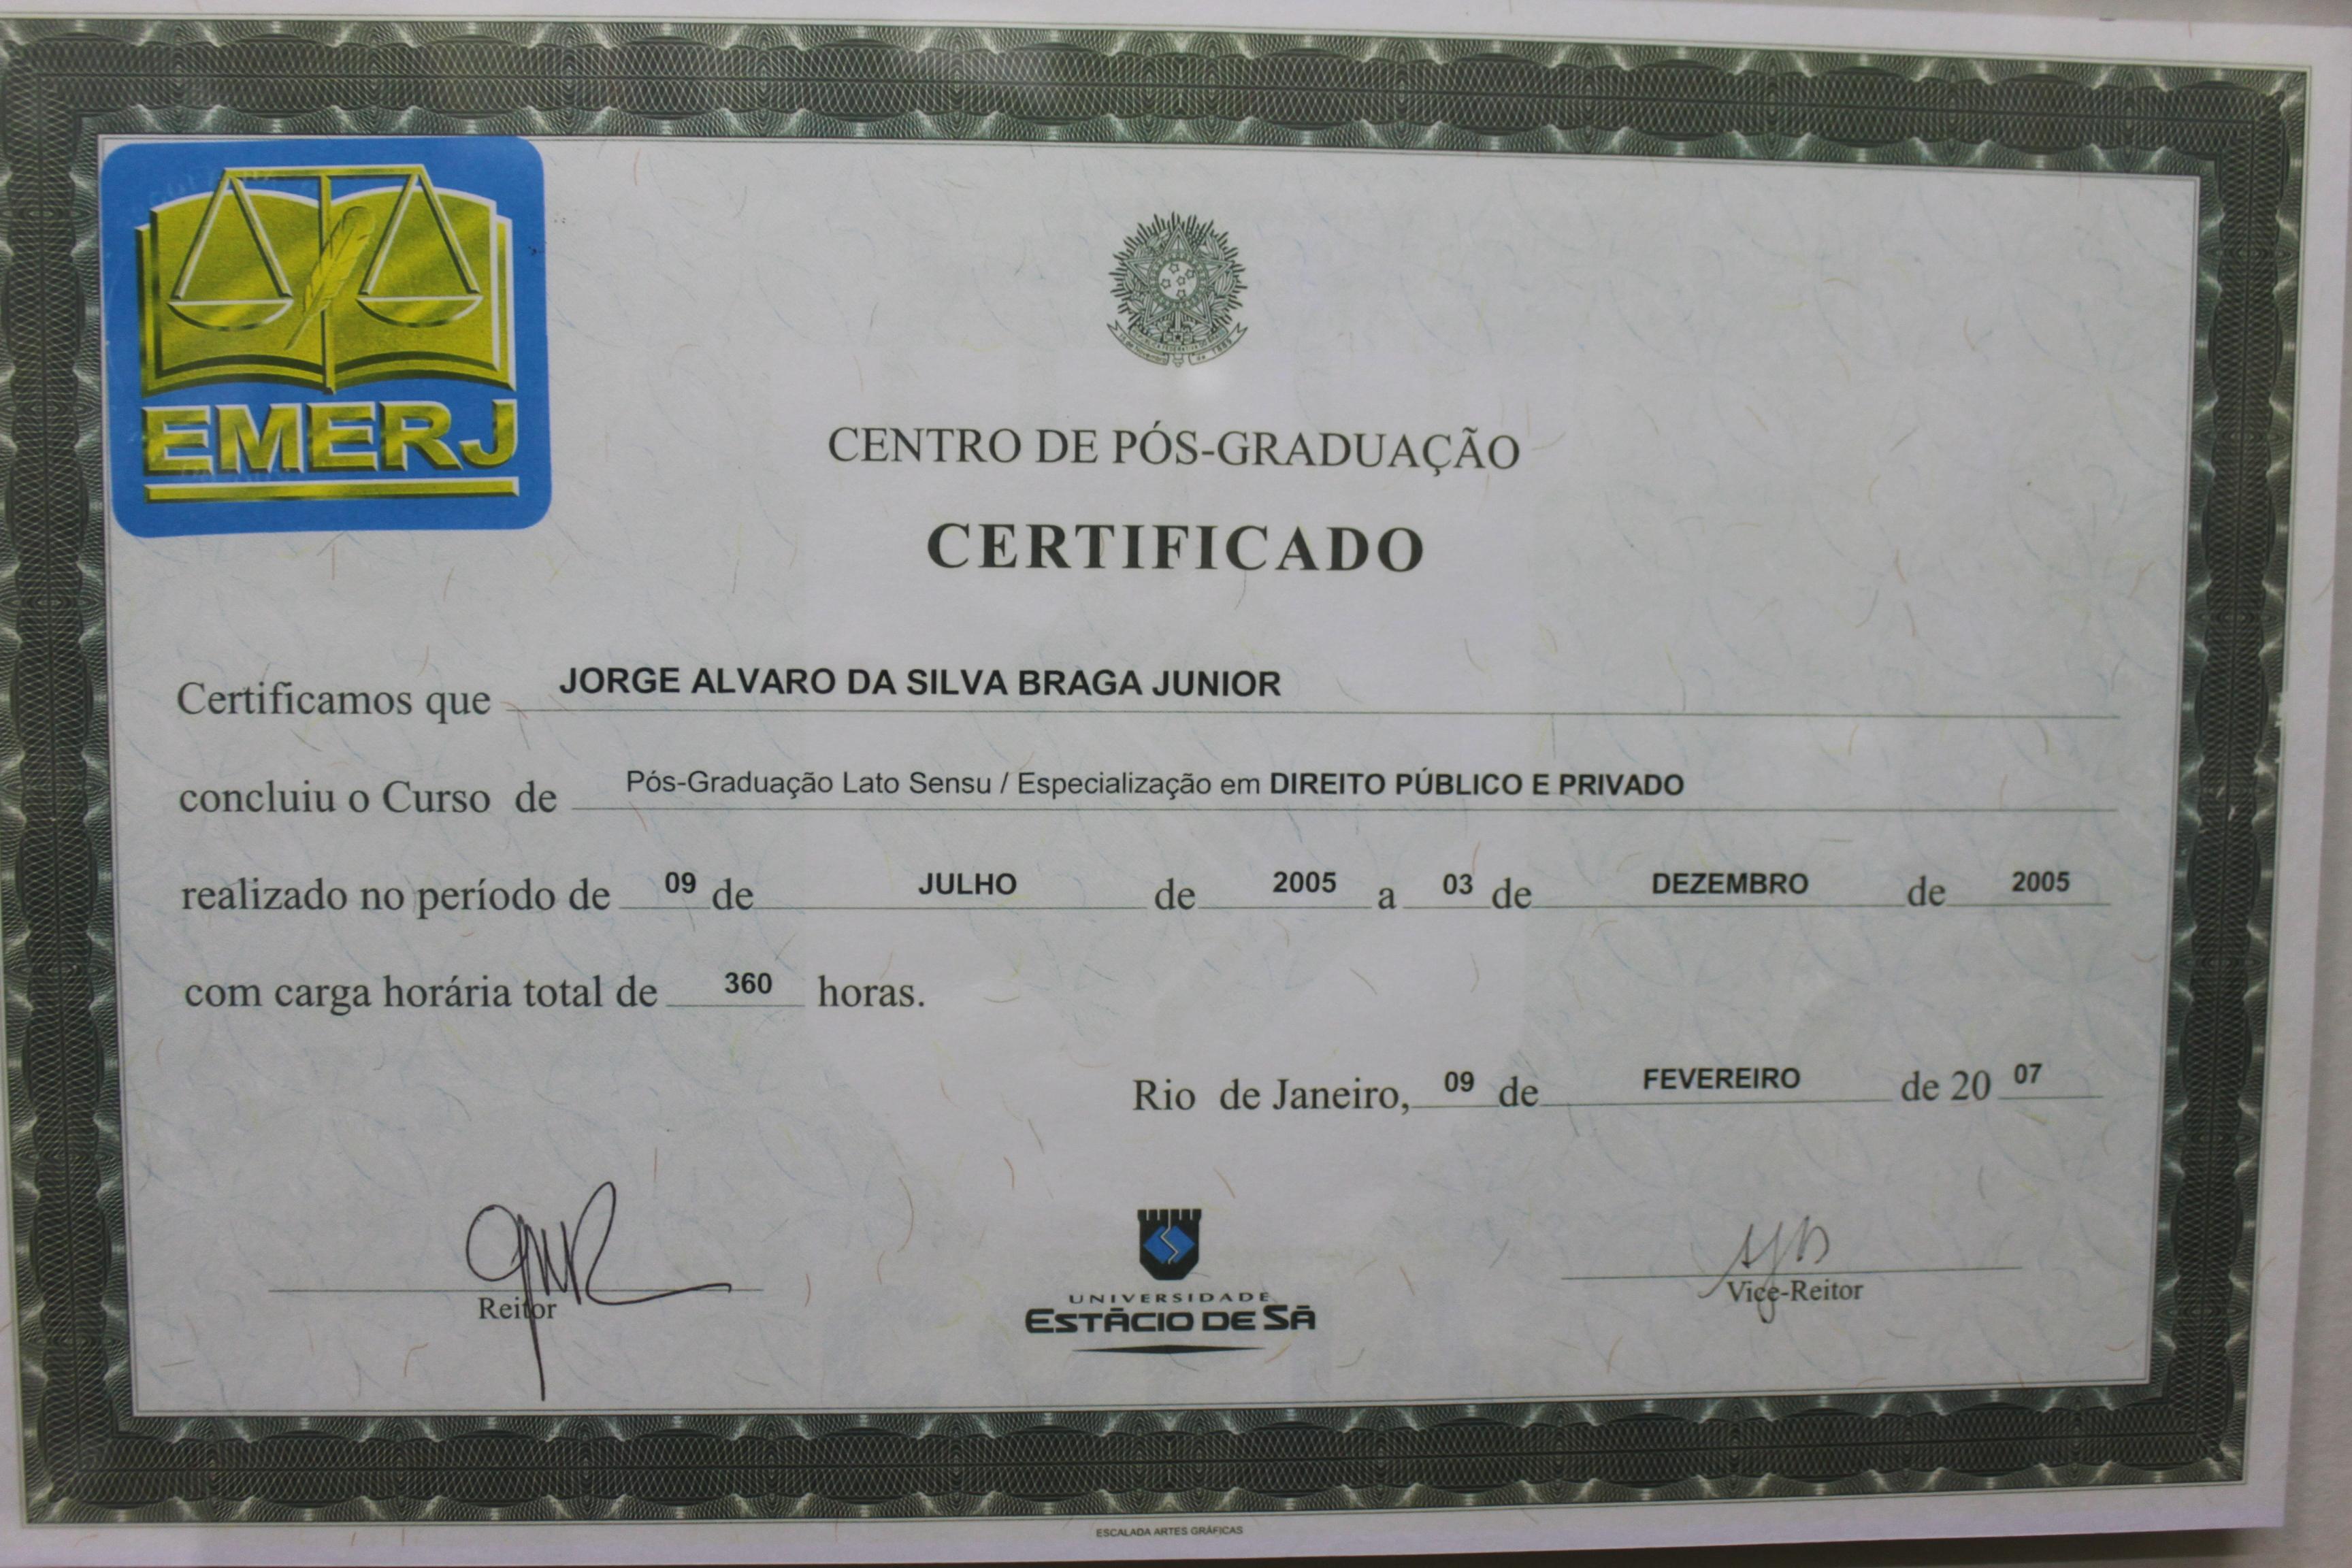 Certificado Pós-Graduação EMERJ-UNESA